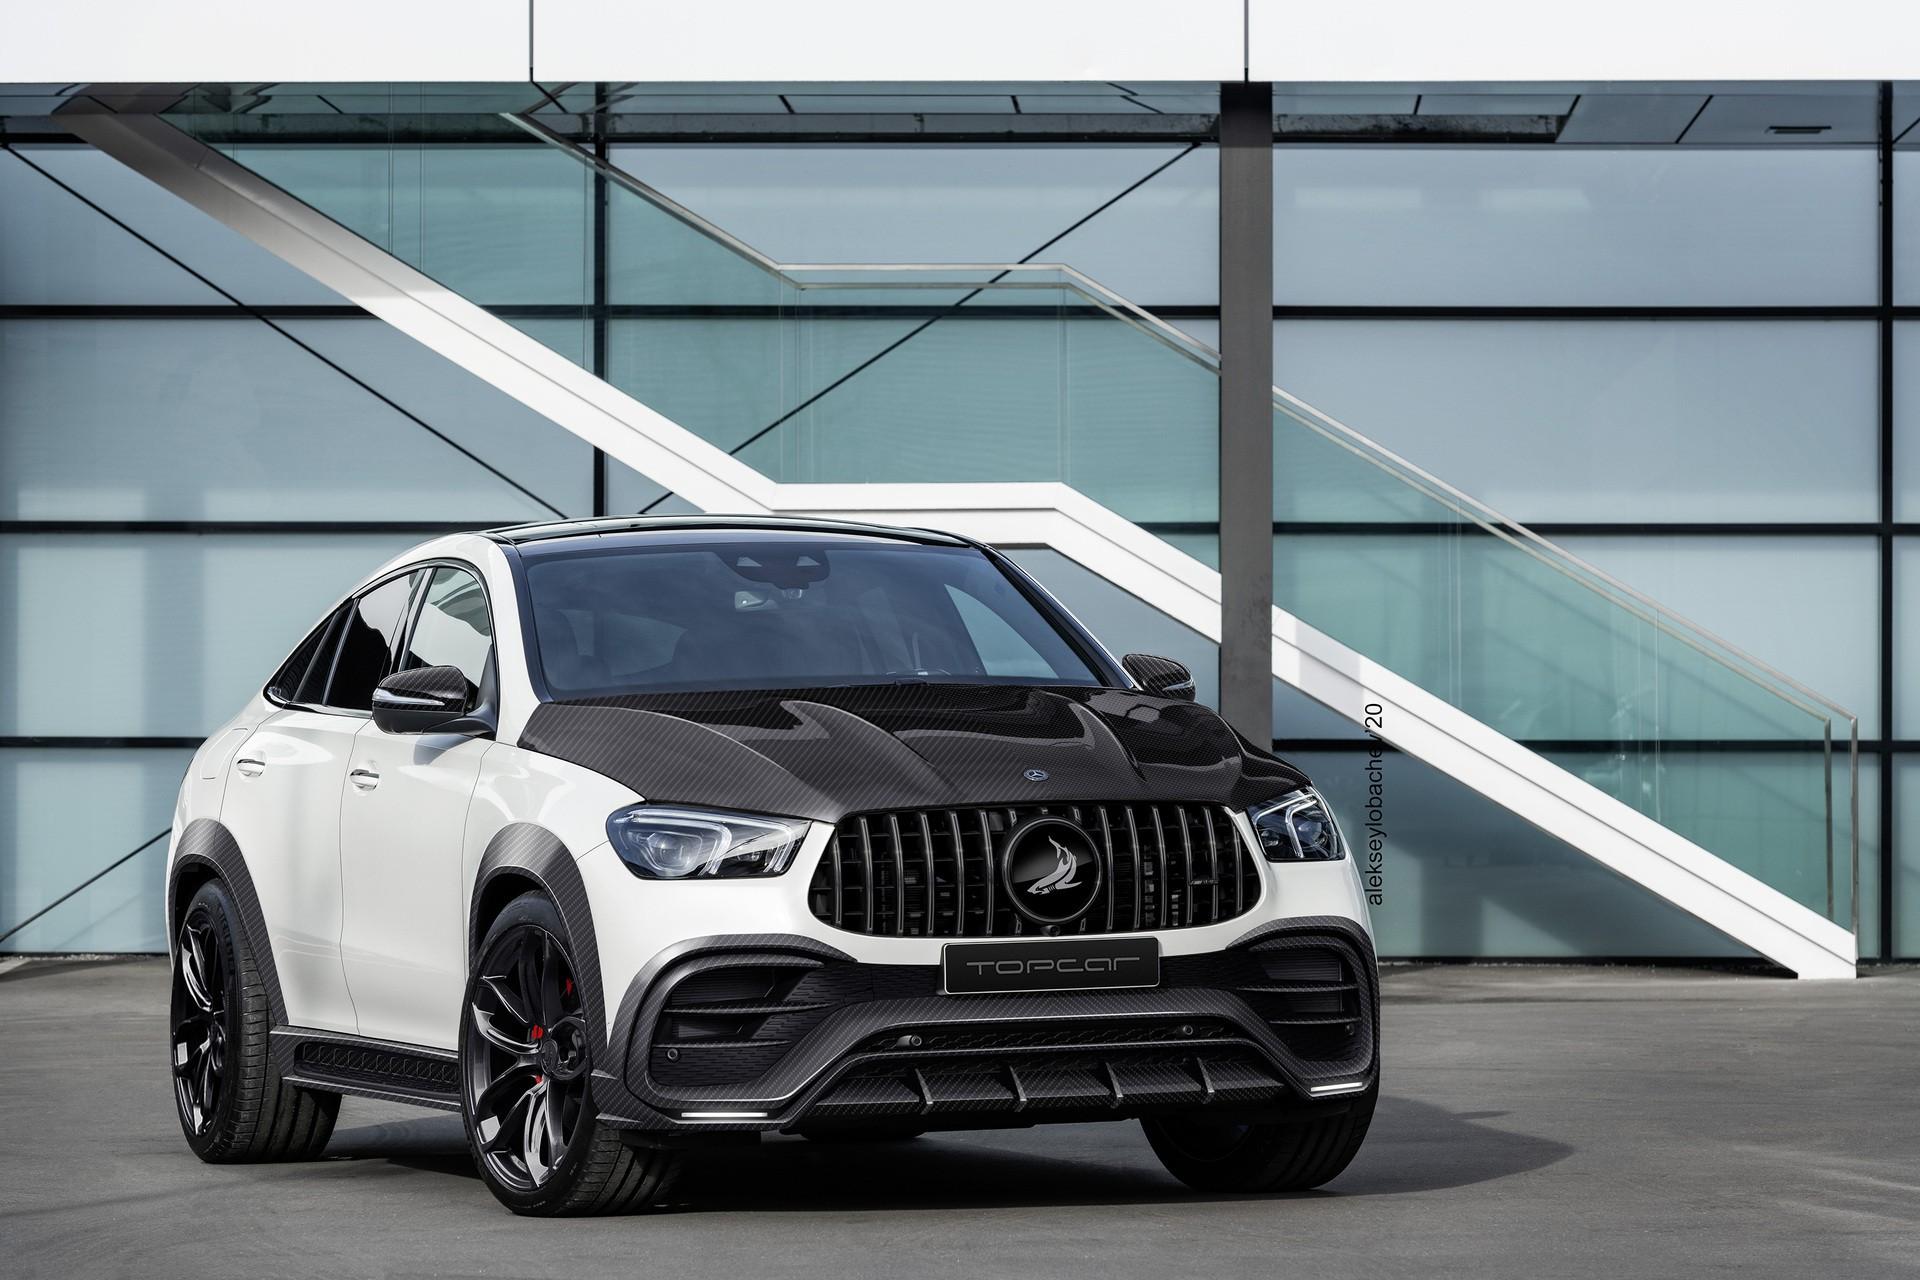 Тюнинг TopCar Inferno для Mercedes GLE-class Coupe